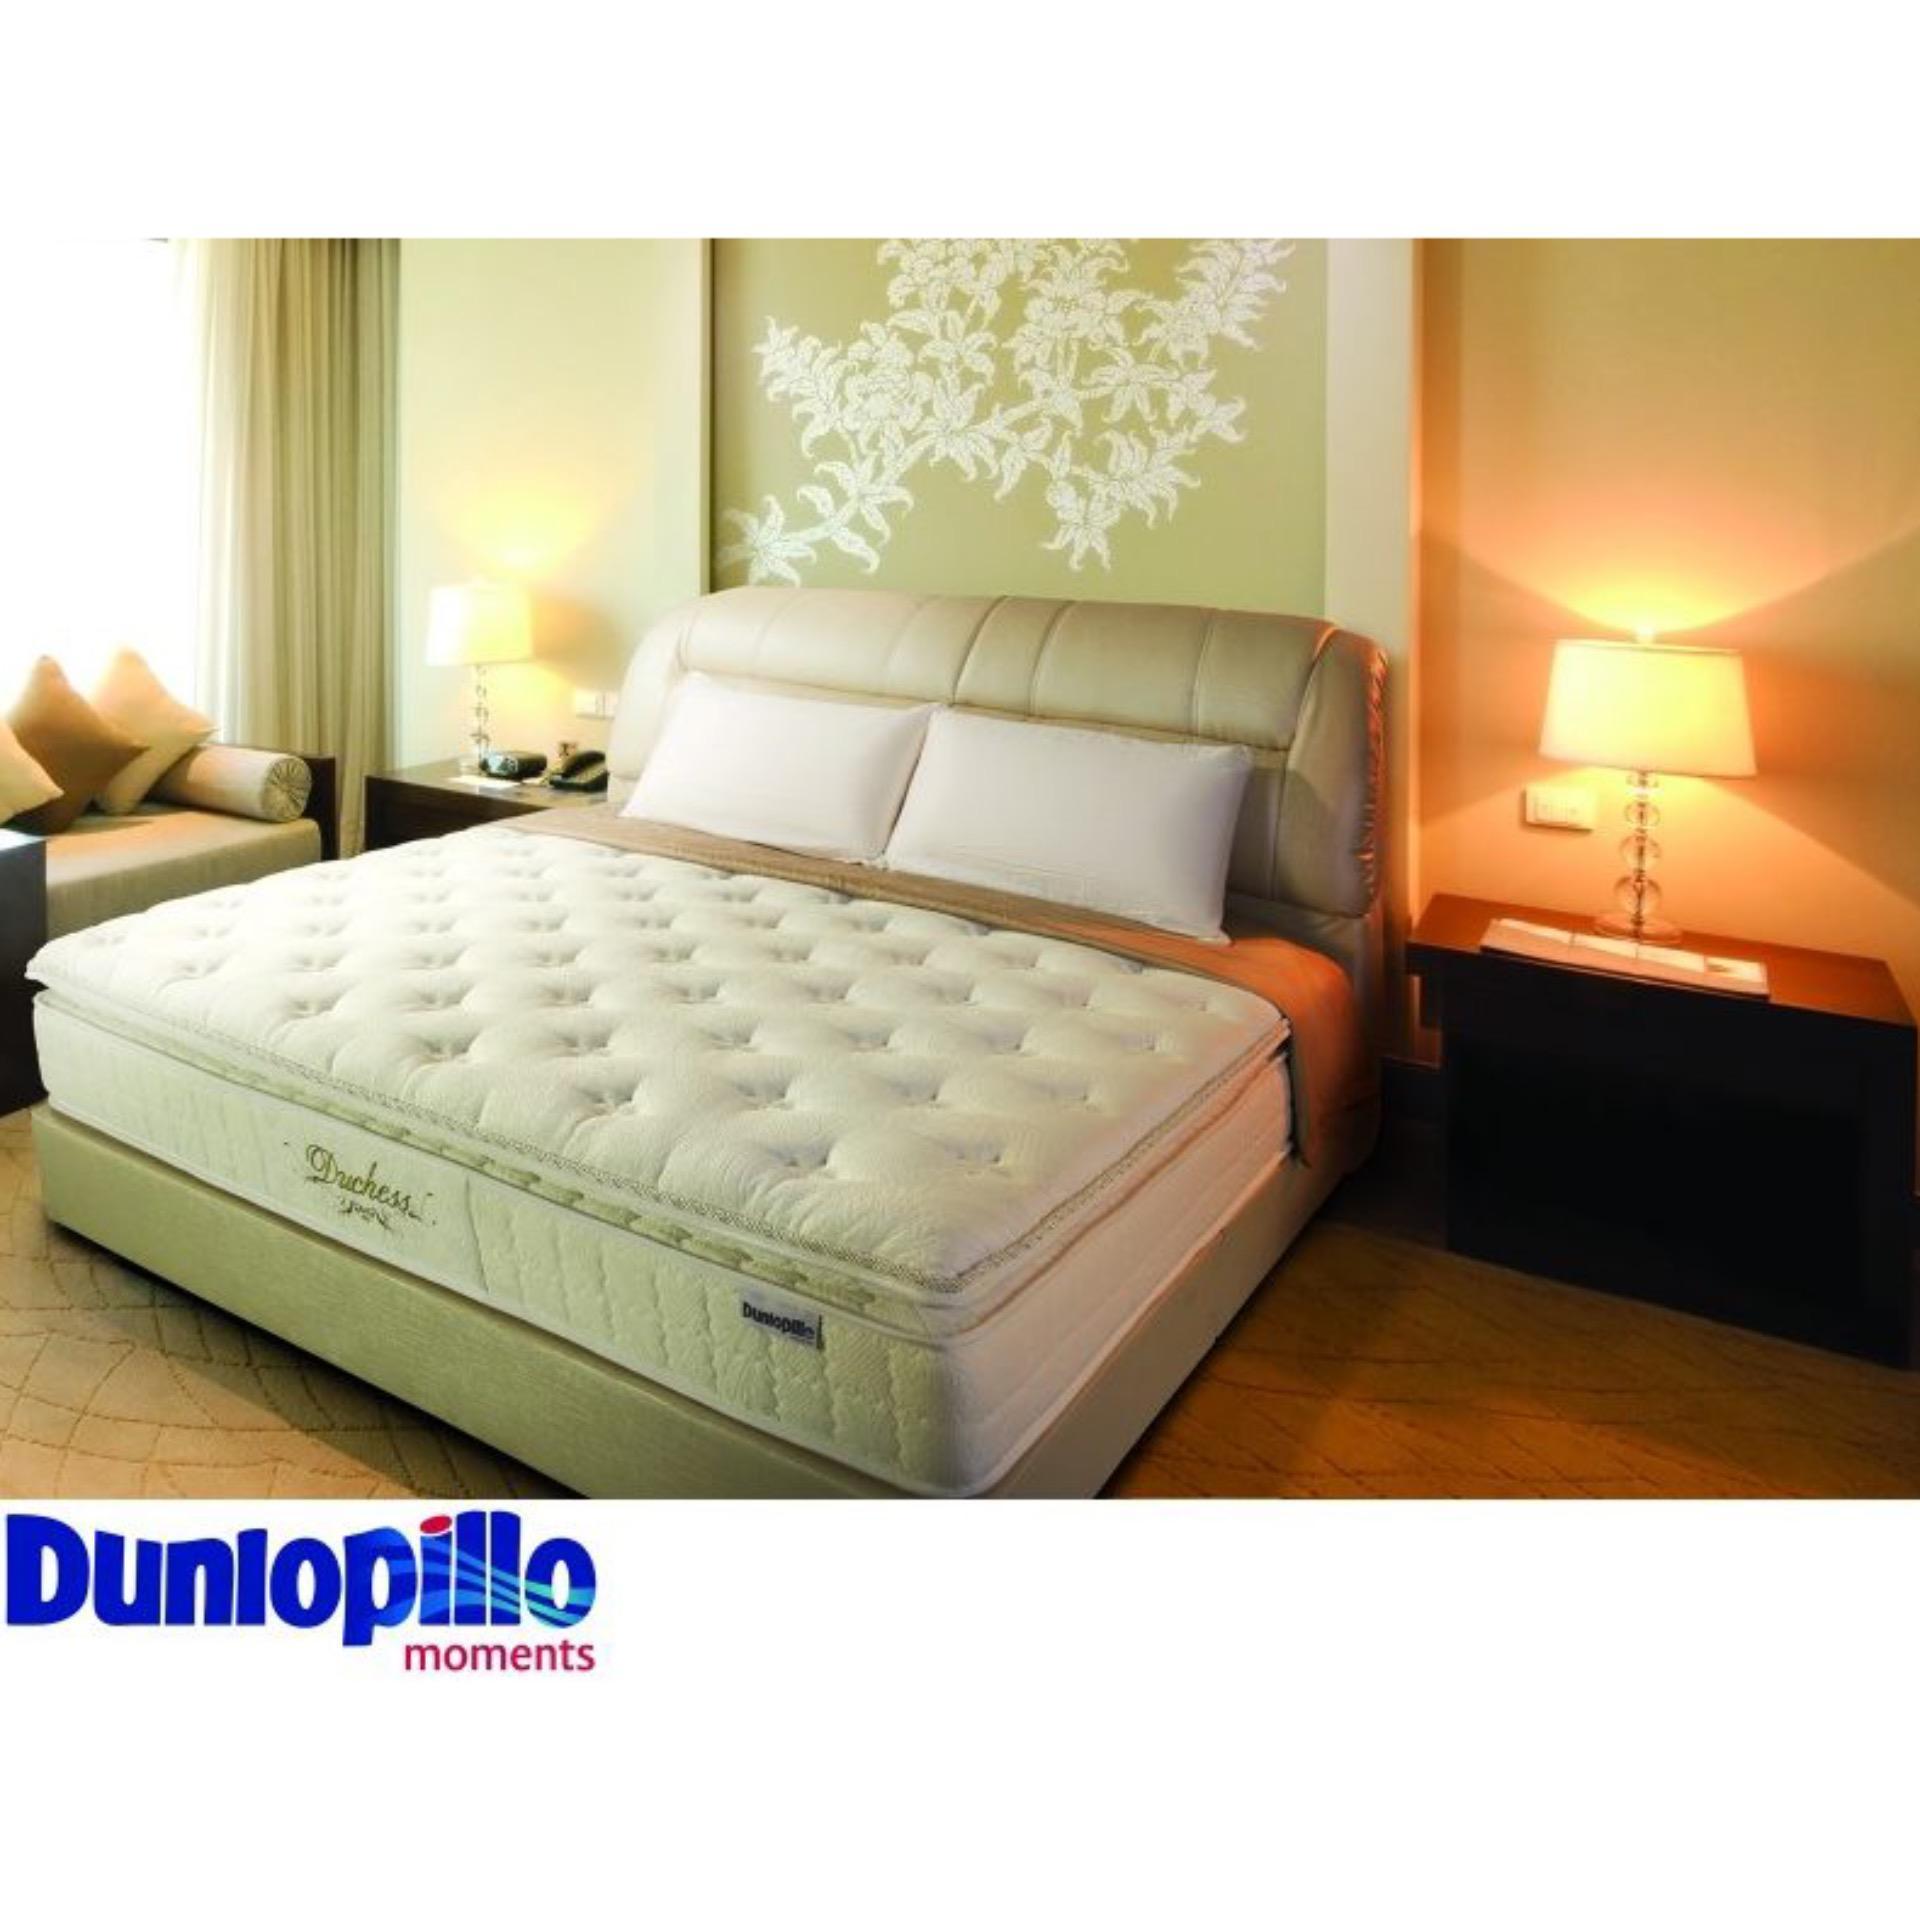 Dunlopillo Duchess 11 Inches Thick Q (end 5/1/2021 12:00 AM